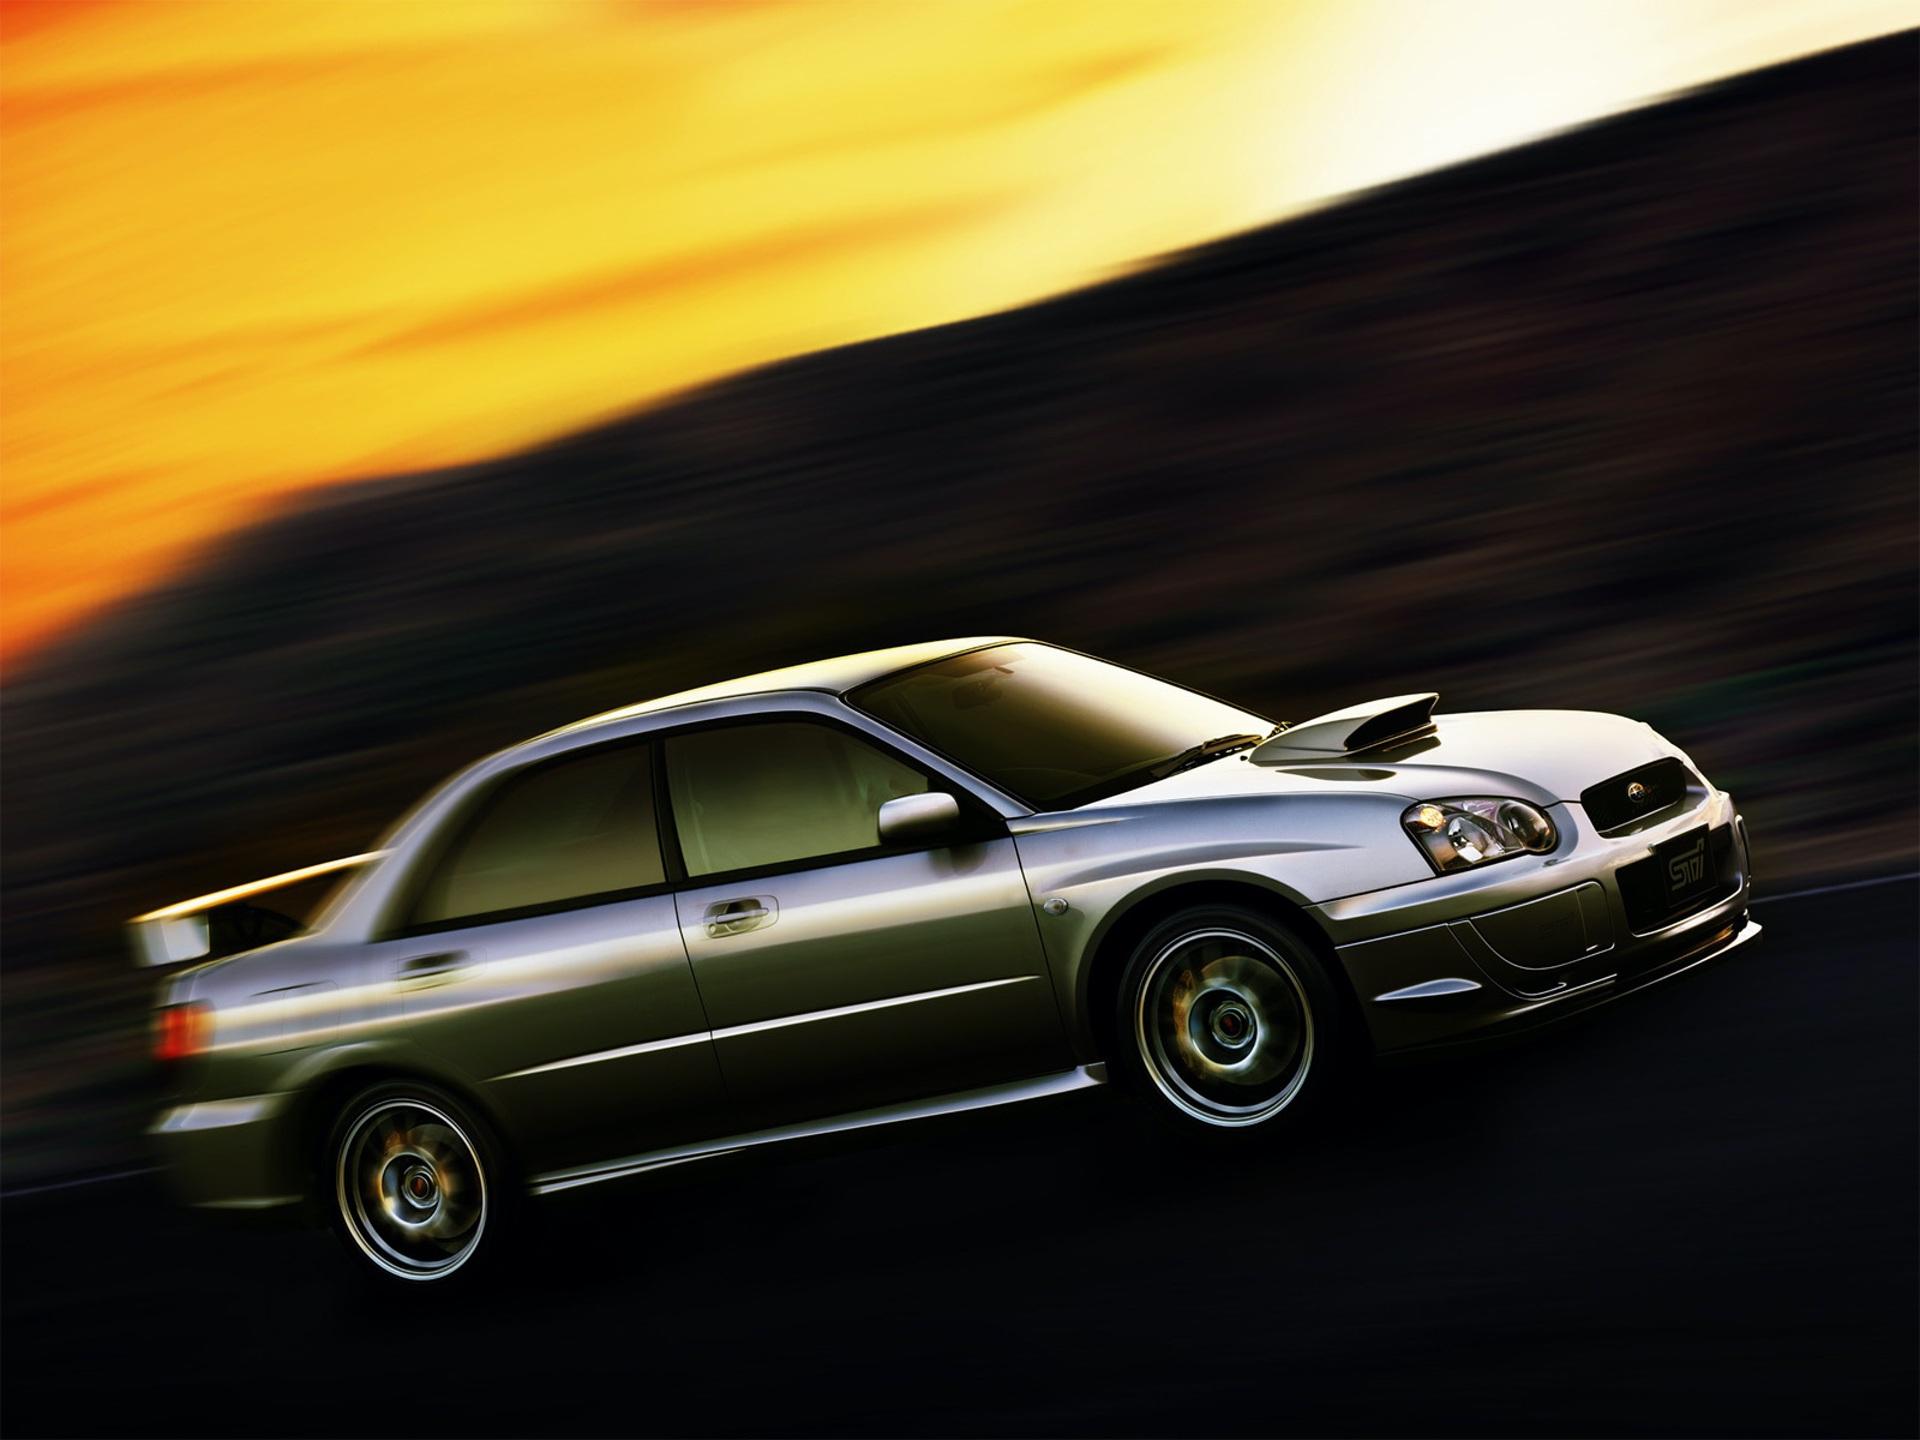 Subaru_Impreza_STI_S203_0006